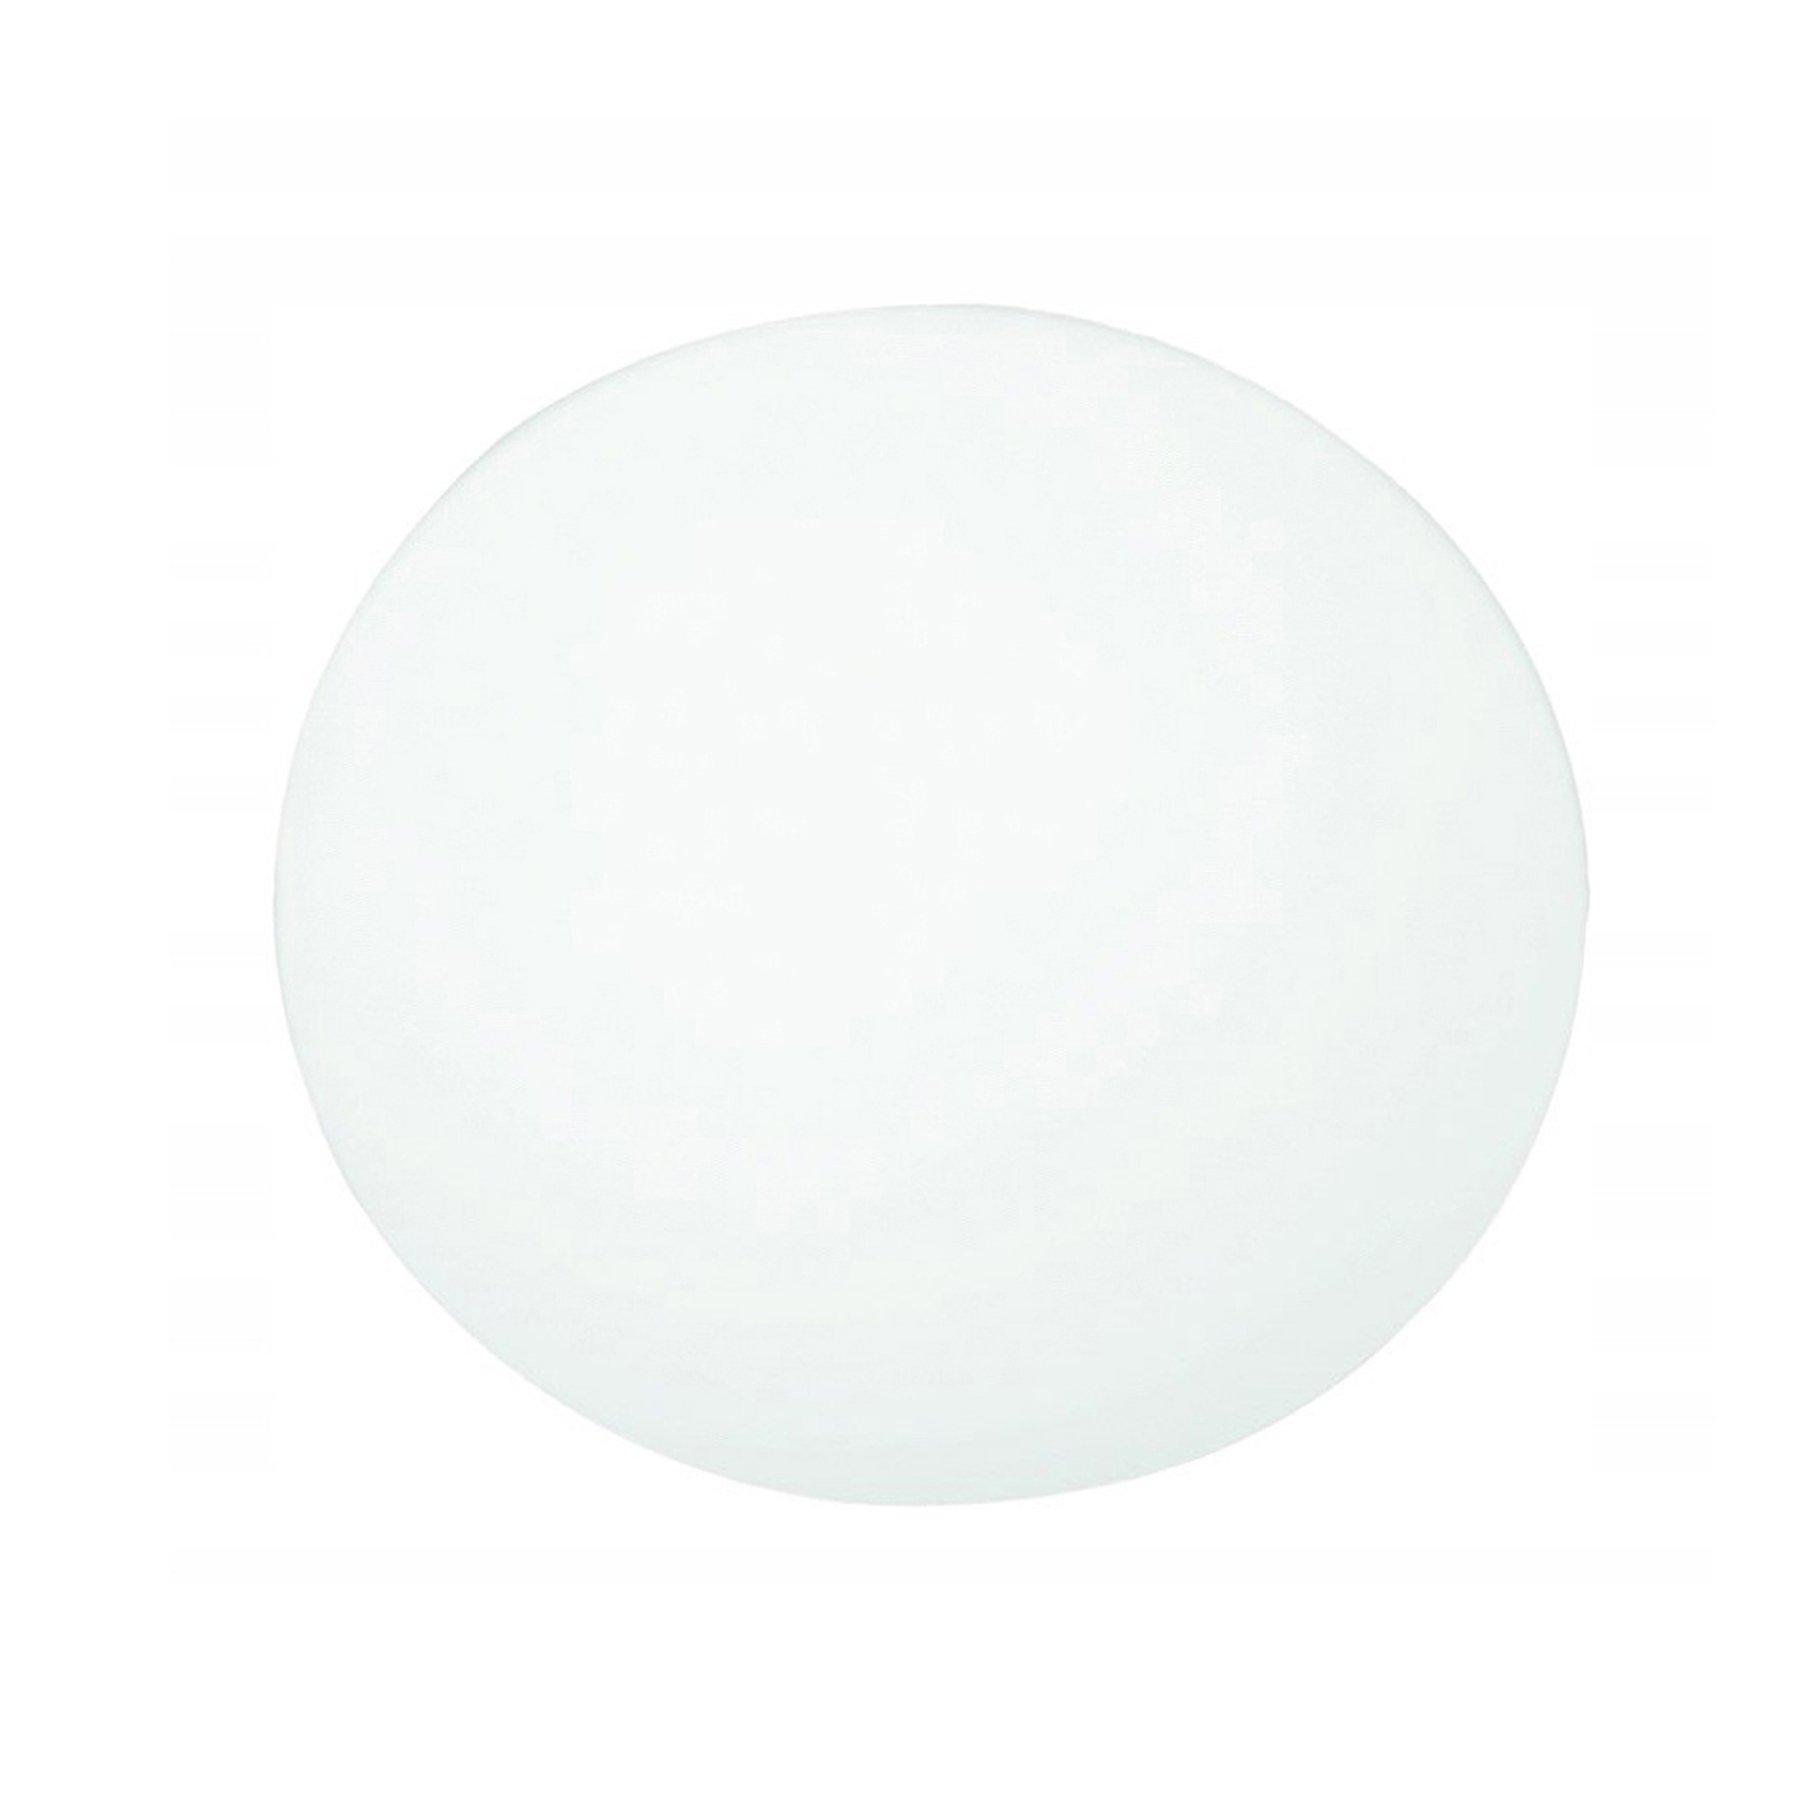 Taklampe til bad Twister, Ø 35 cm, 2 x 40 W